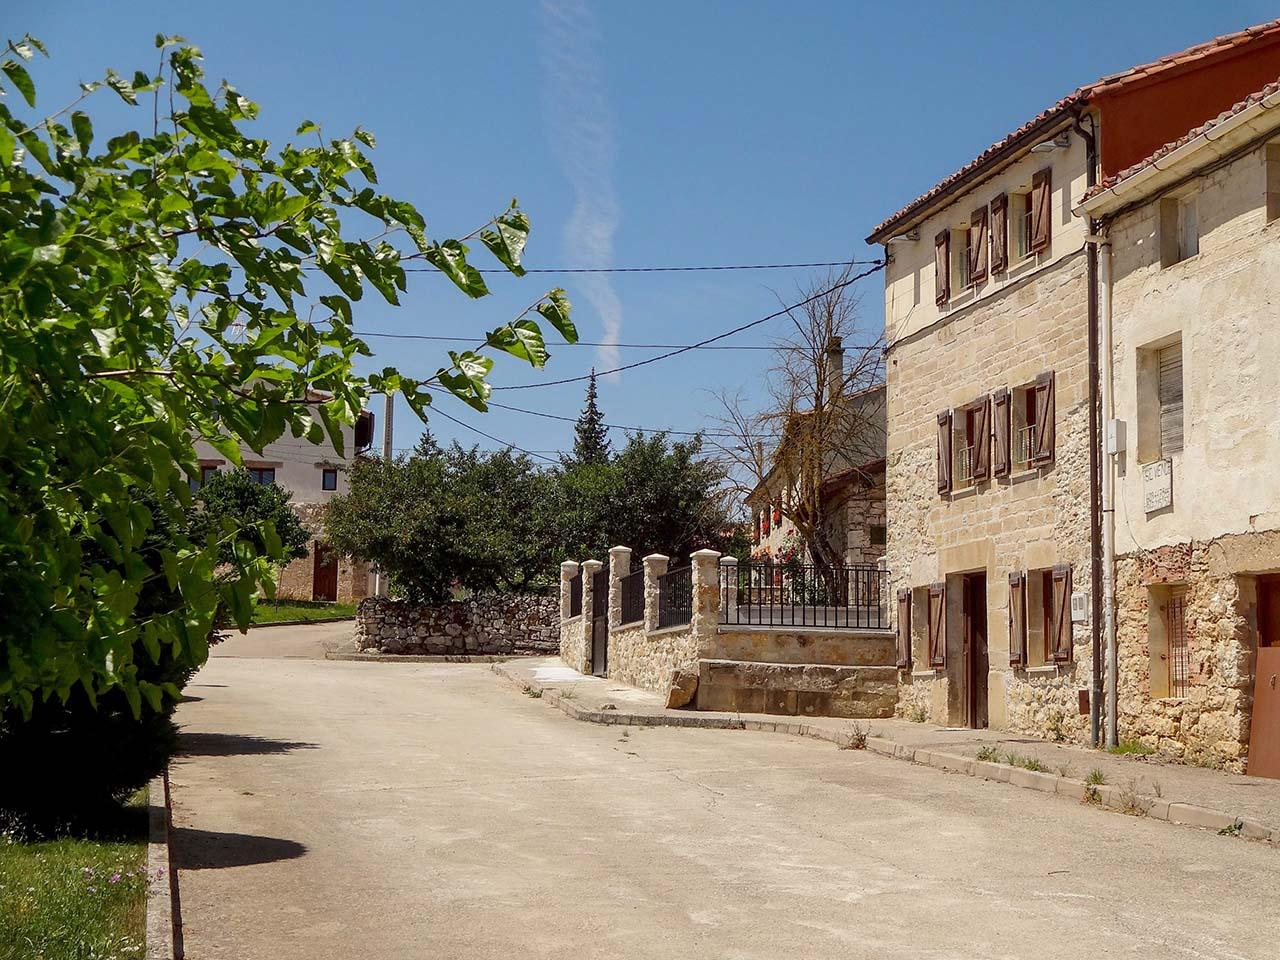 Casa Rural Los Olmos de Atapuerca, en Olmos de Atapuerca, Burgos